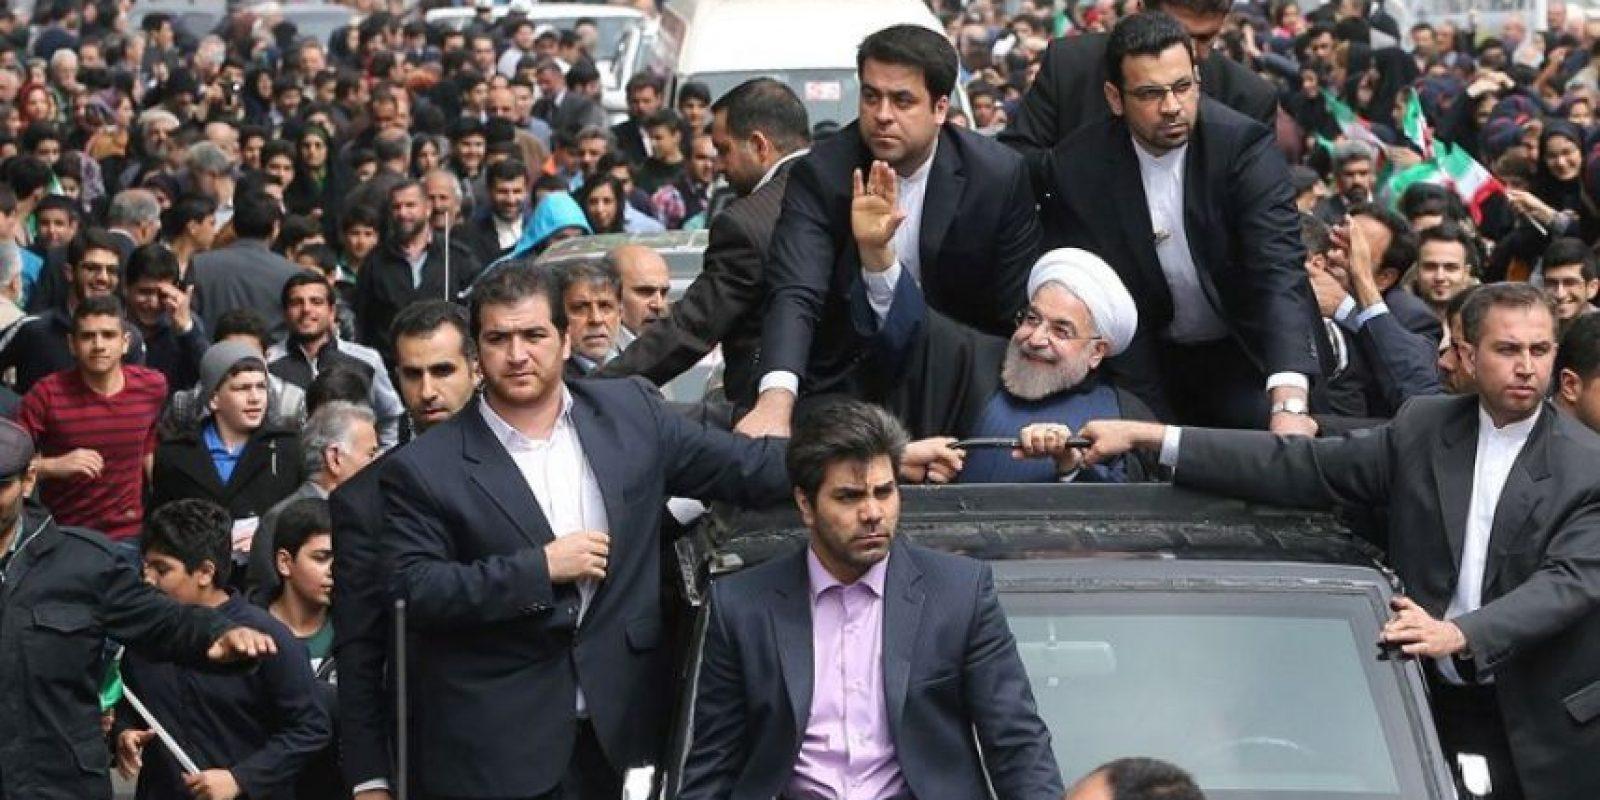 A pesar de no tener embajada, los iraníes pueden acudir a diversas embajadas y consulados para tramitar la visa para ingresar al país Foto:AFP